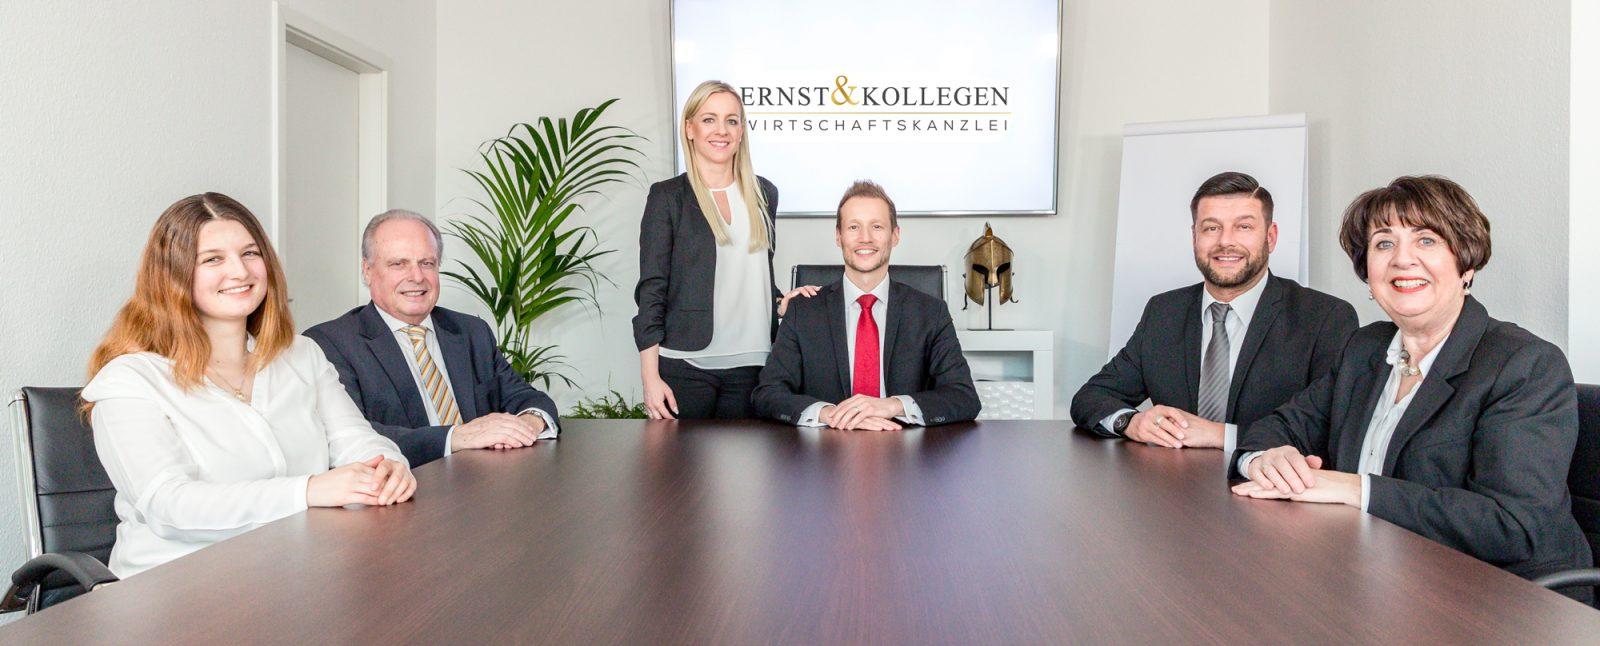 Ernst und Kollegen das Team